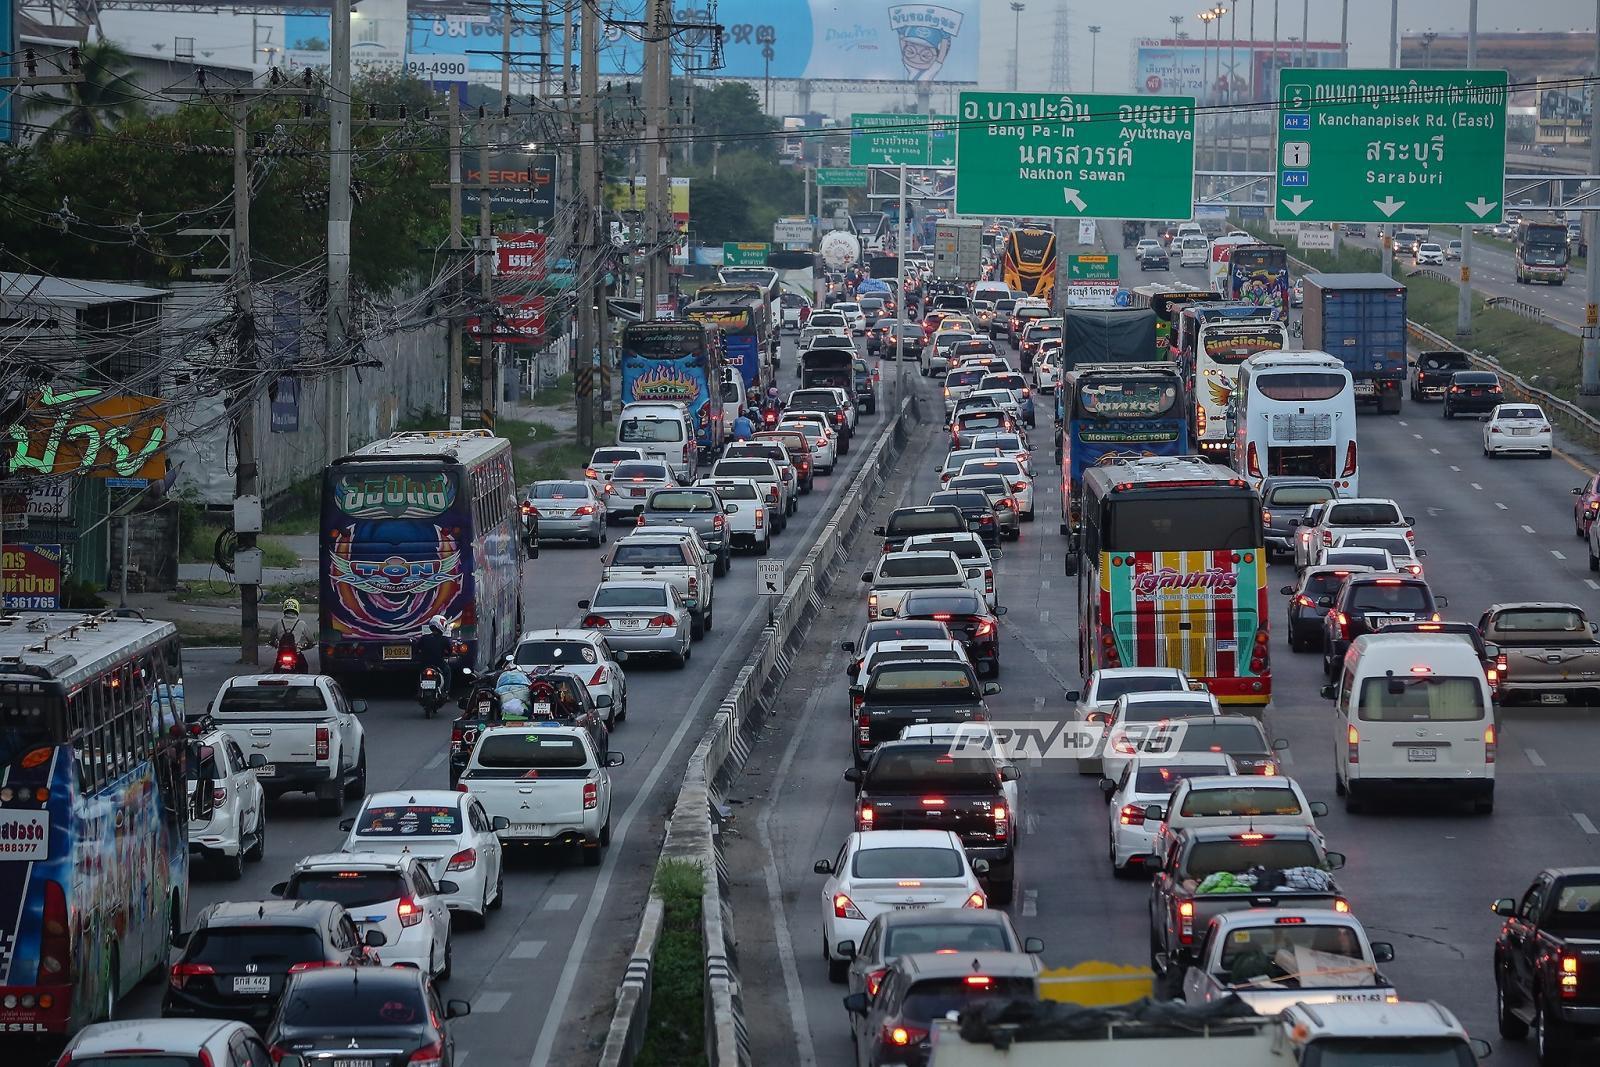 5 วิธีแก้ง่วง ขับรถทางไกลช่วงเทศกาลสงกรานต์